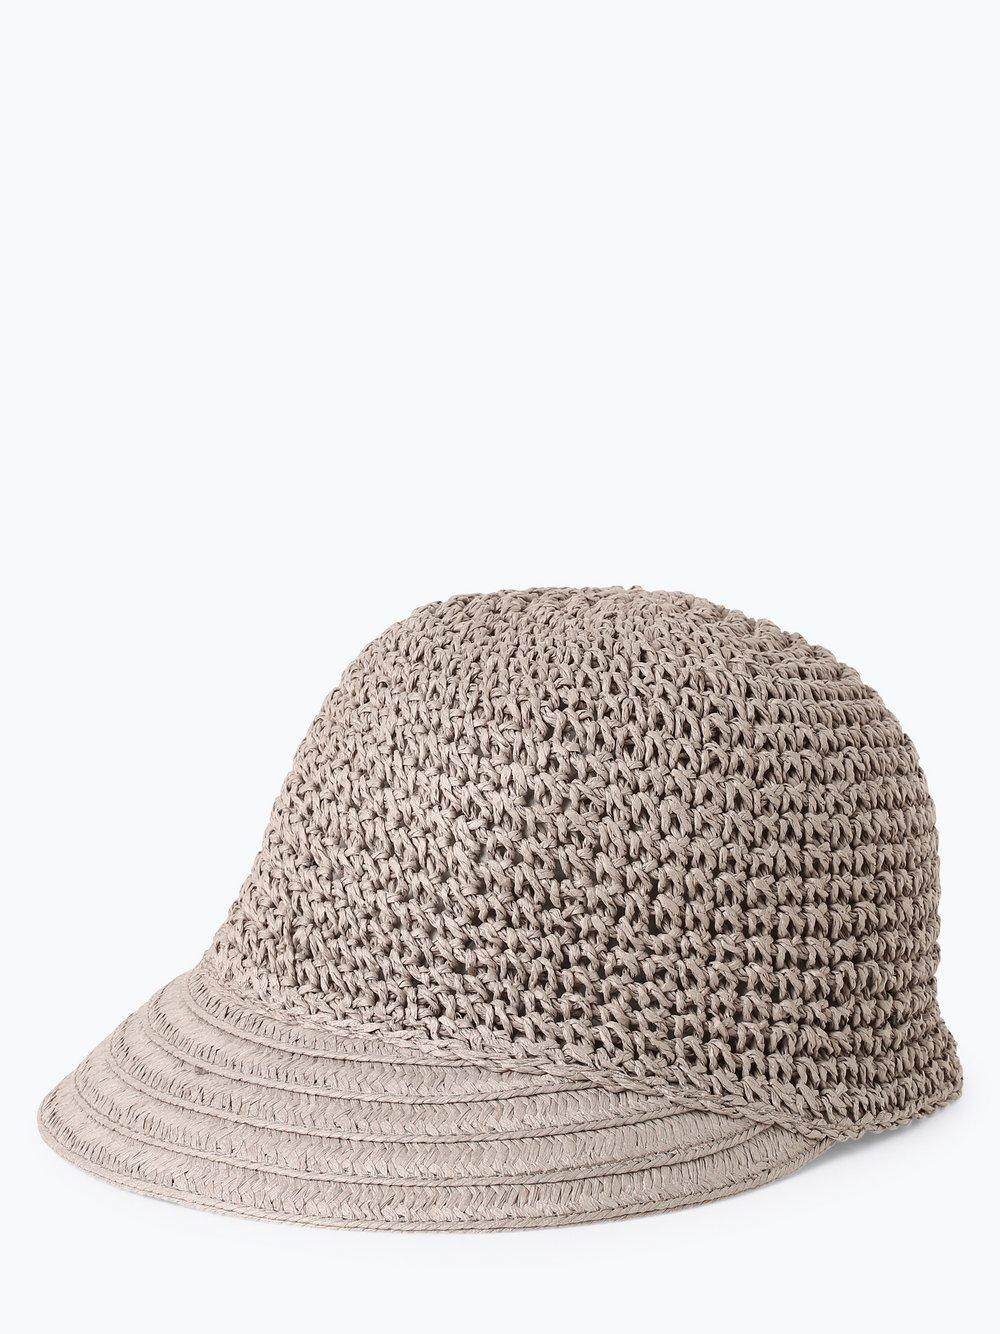 Loevenich – Damska czapka z daszkiem, szary Van Graaf 277859-0014-00000